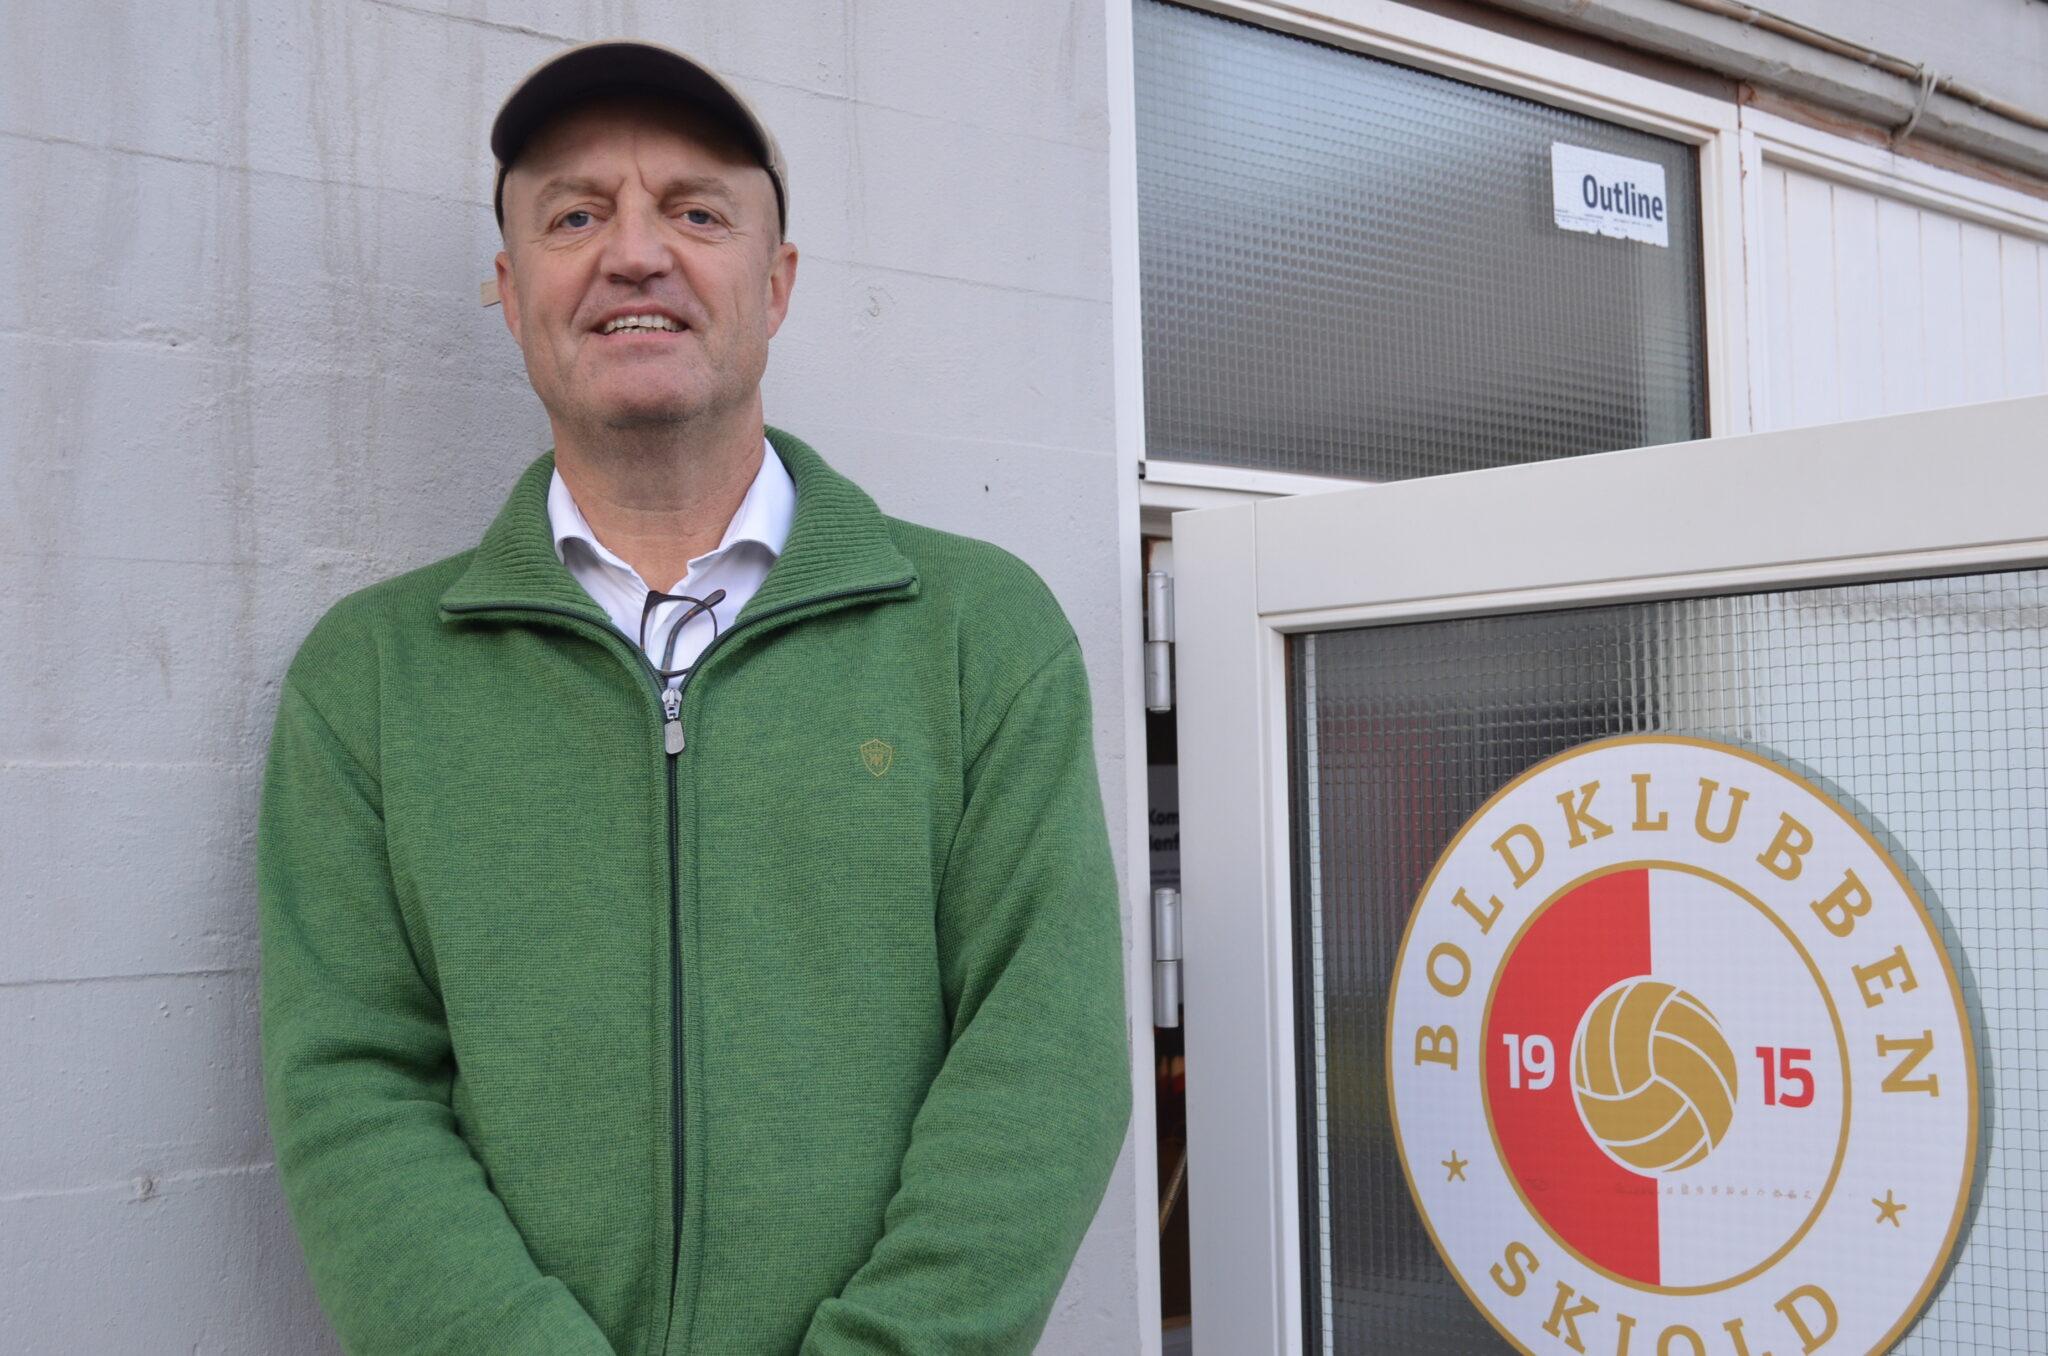 Jan Sørensen, 58, er i gang med sit 11. år som formand på fuld tid for Boldklubben Skjold, der derudover har to andre medarbejdere på fuld tid og to medarbejdere på halv tid. Foreningen bliver hovedsagelig drevet på et fundament af frivillige kræfter og forældretrænere. (Foto: DTU)